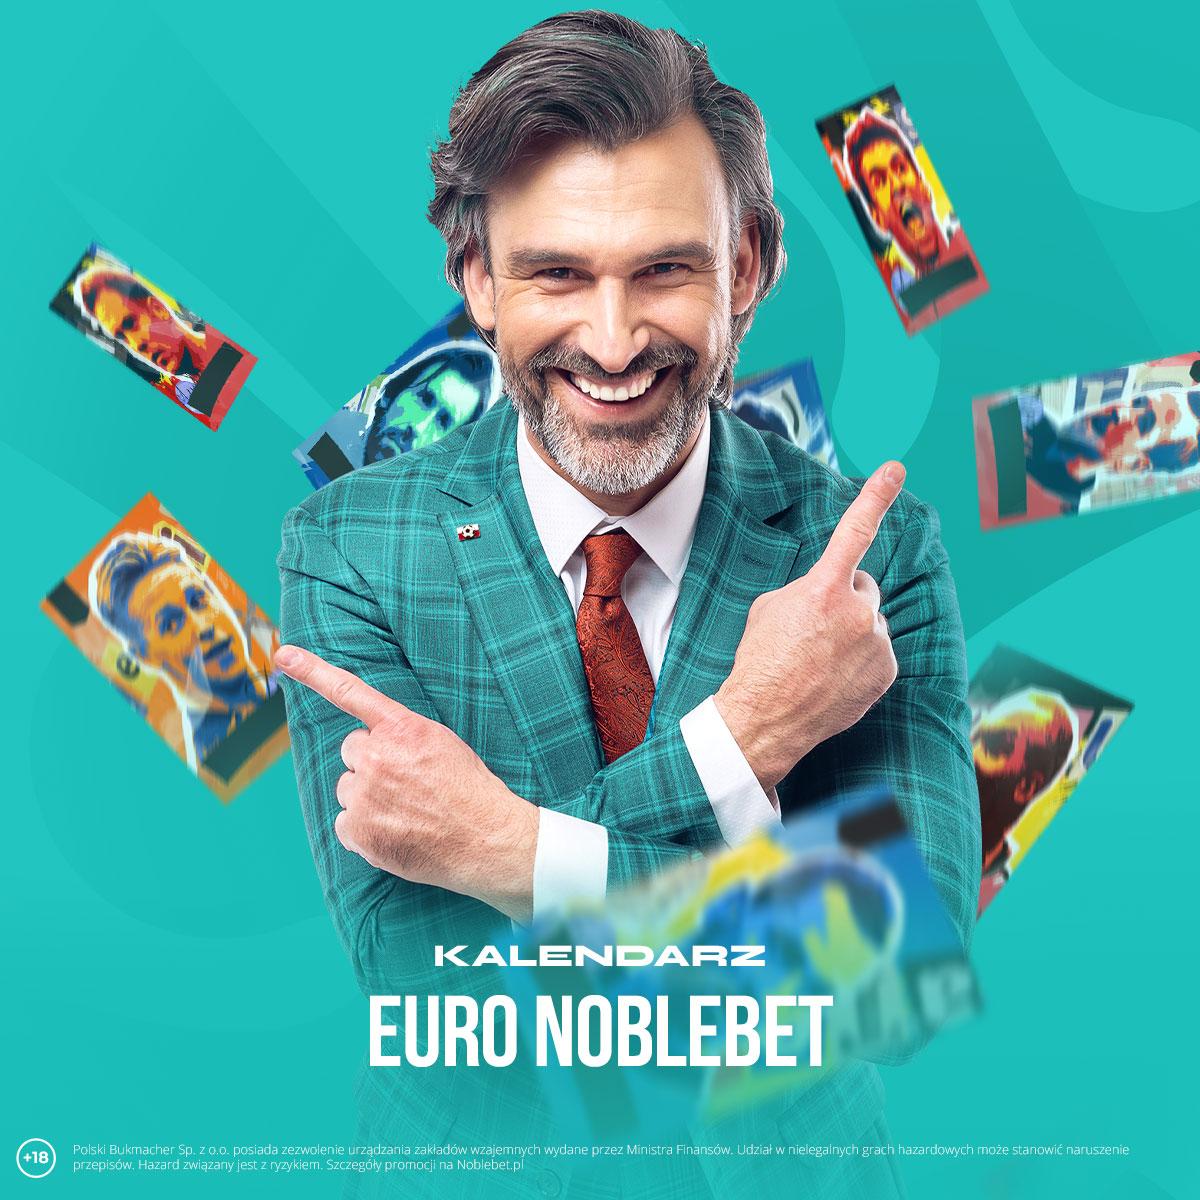 Kalendarz EURO Noblebet – korzystaj z niesamowitych promocji w trakcie EURO